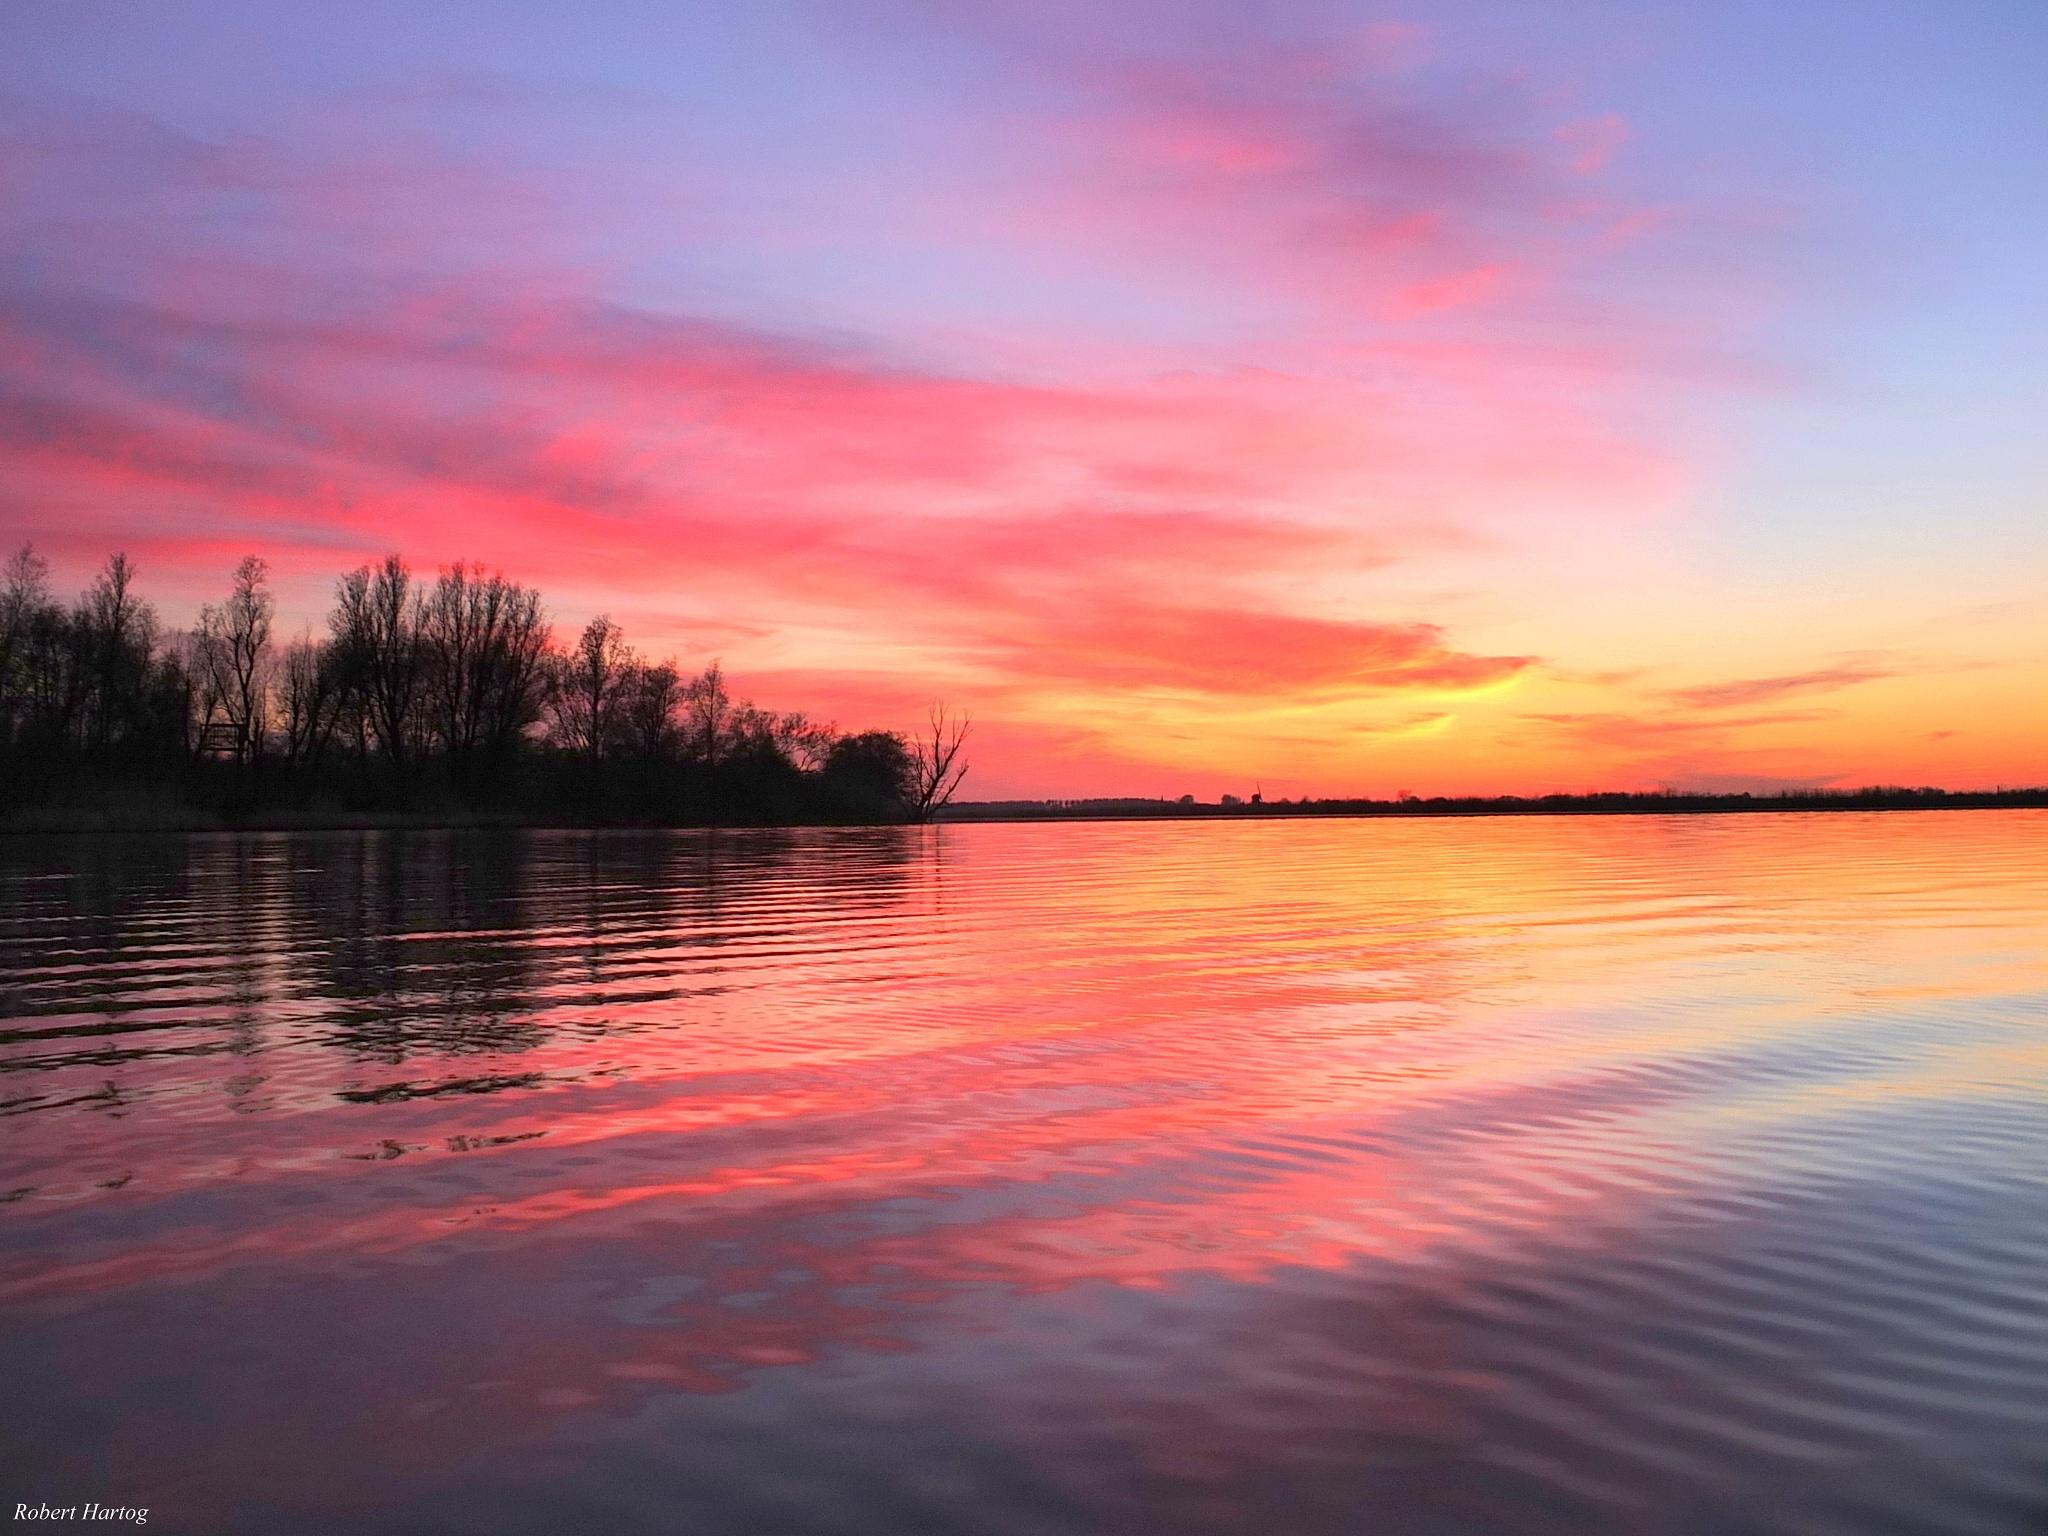 After Sunset De Grote Wielen Leeuwarden by Robert Hartog